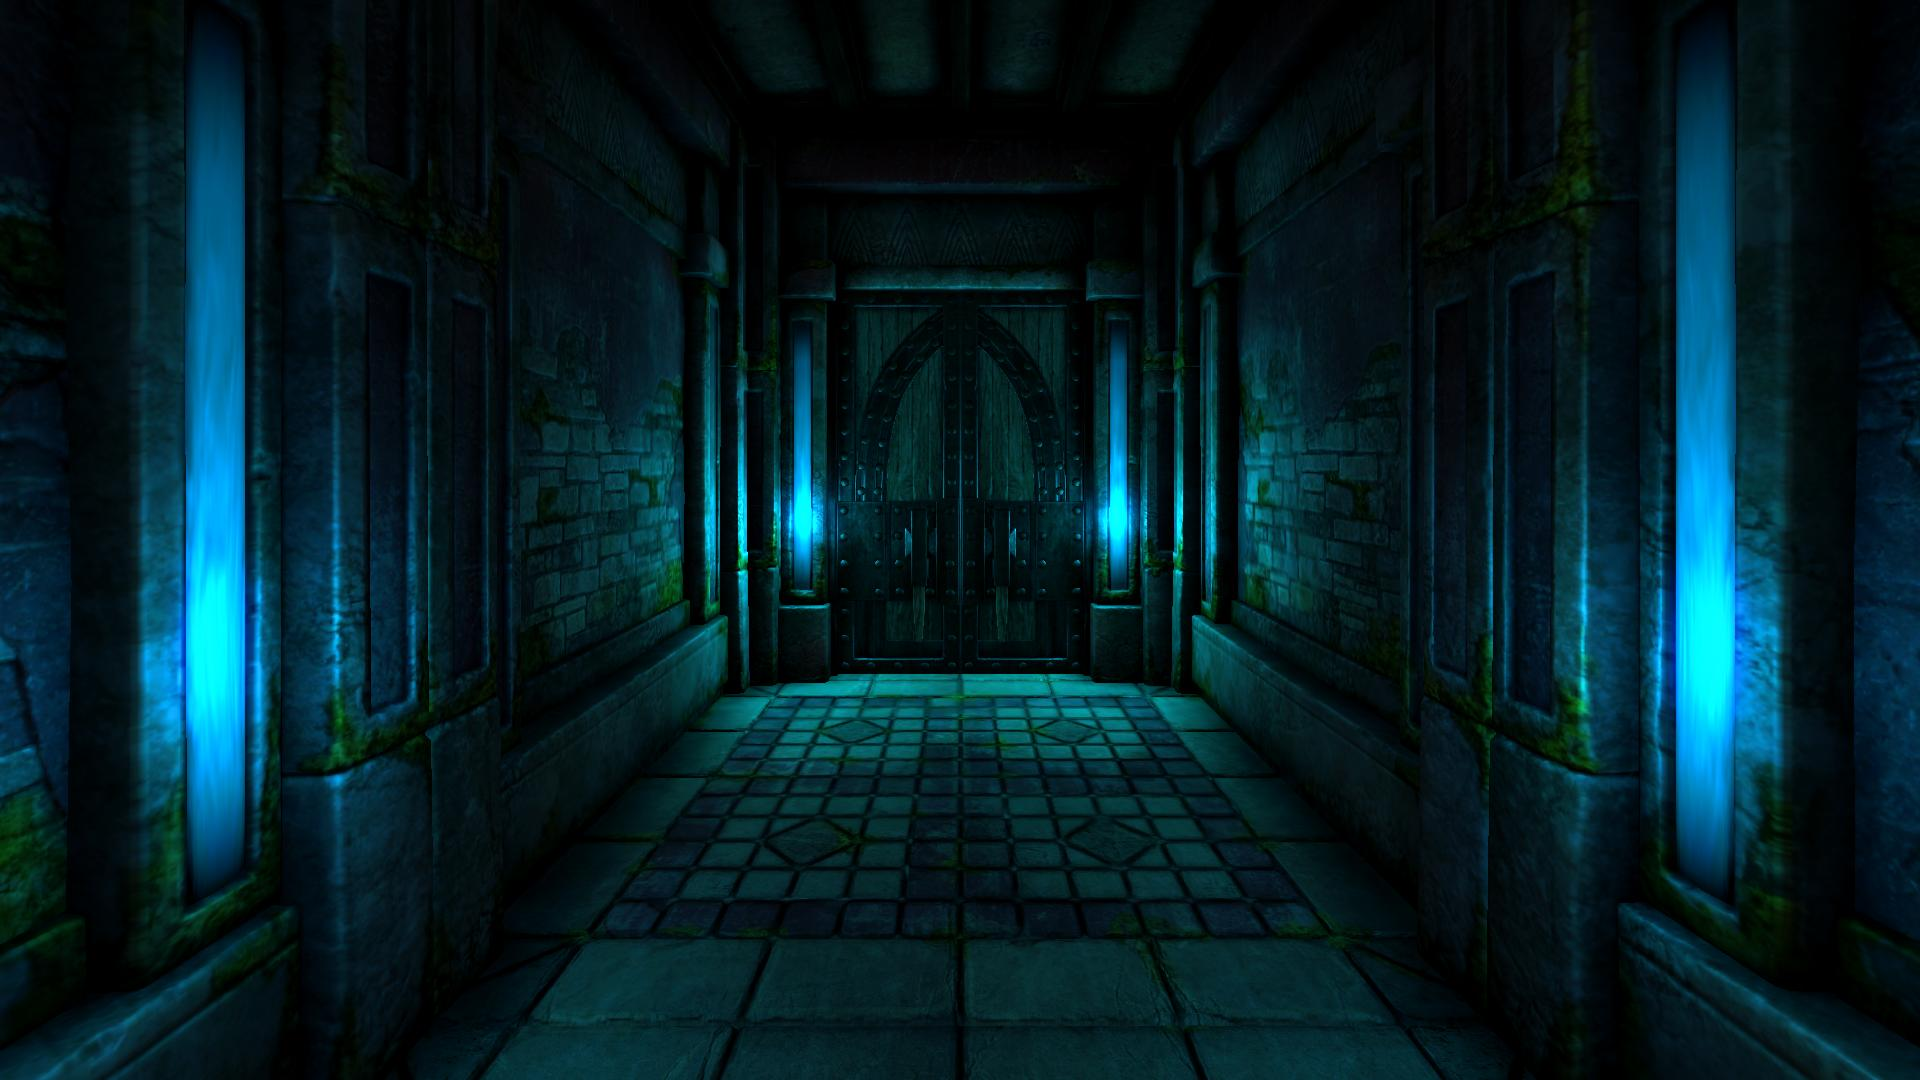 door-of-hope-or-despair